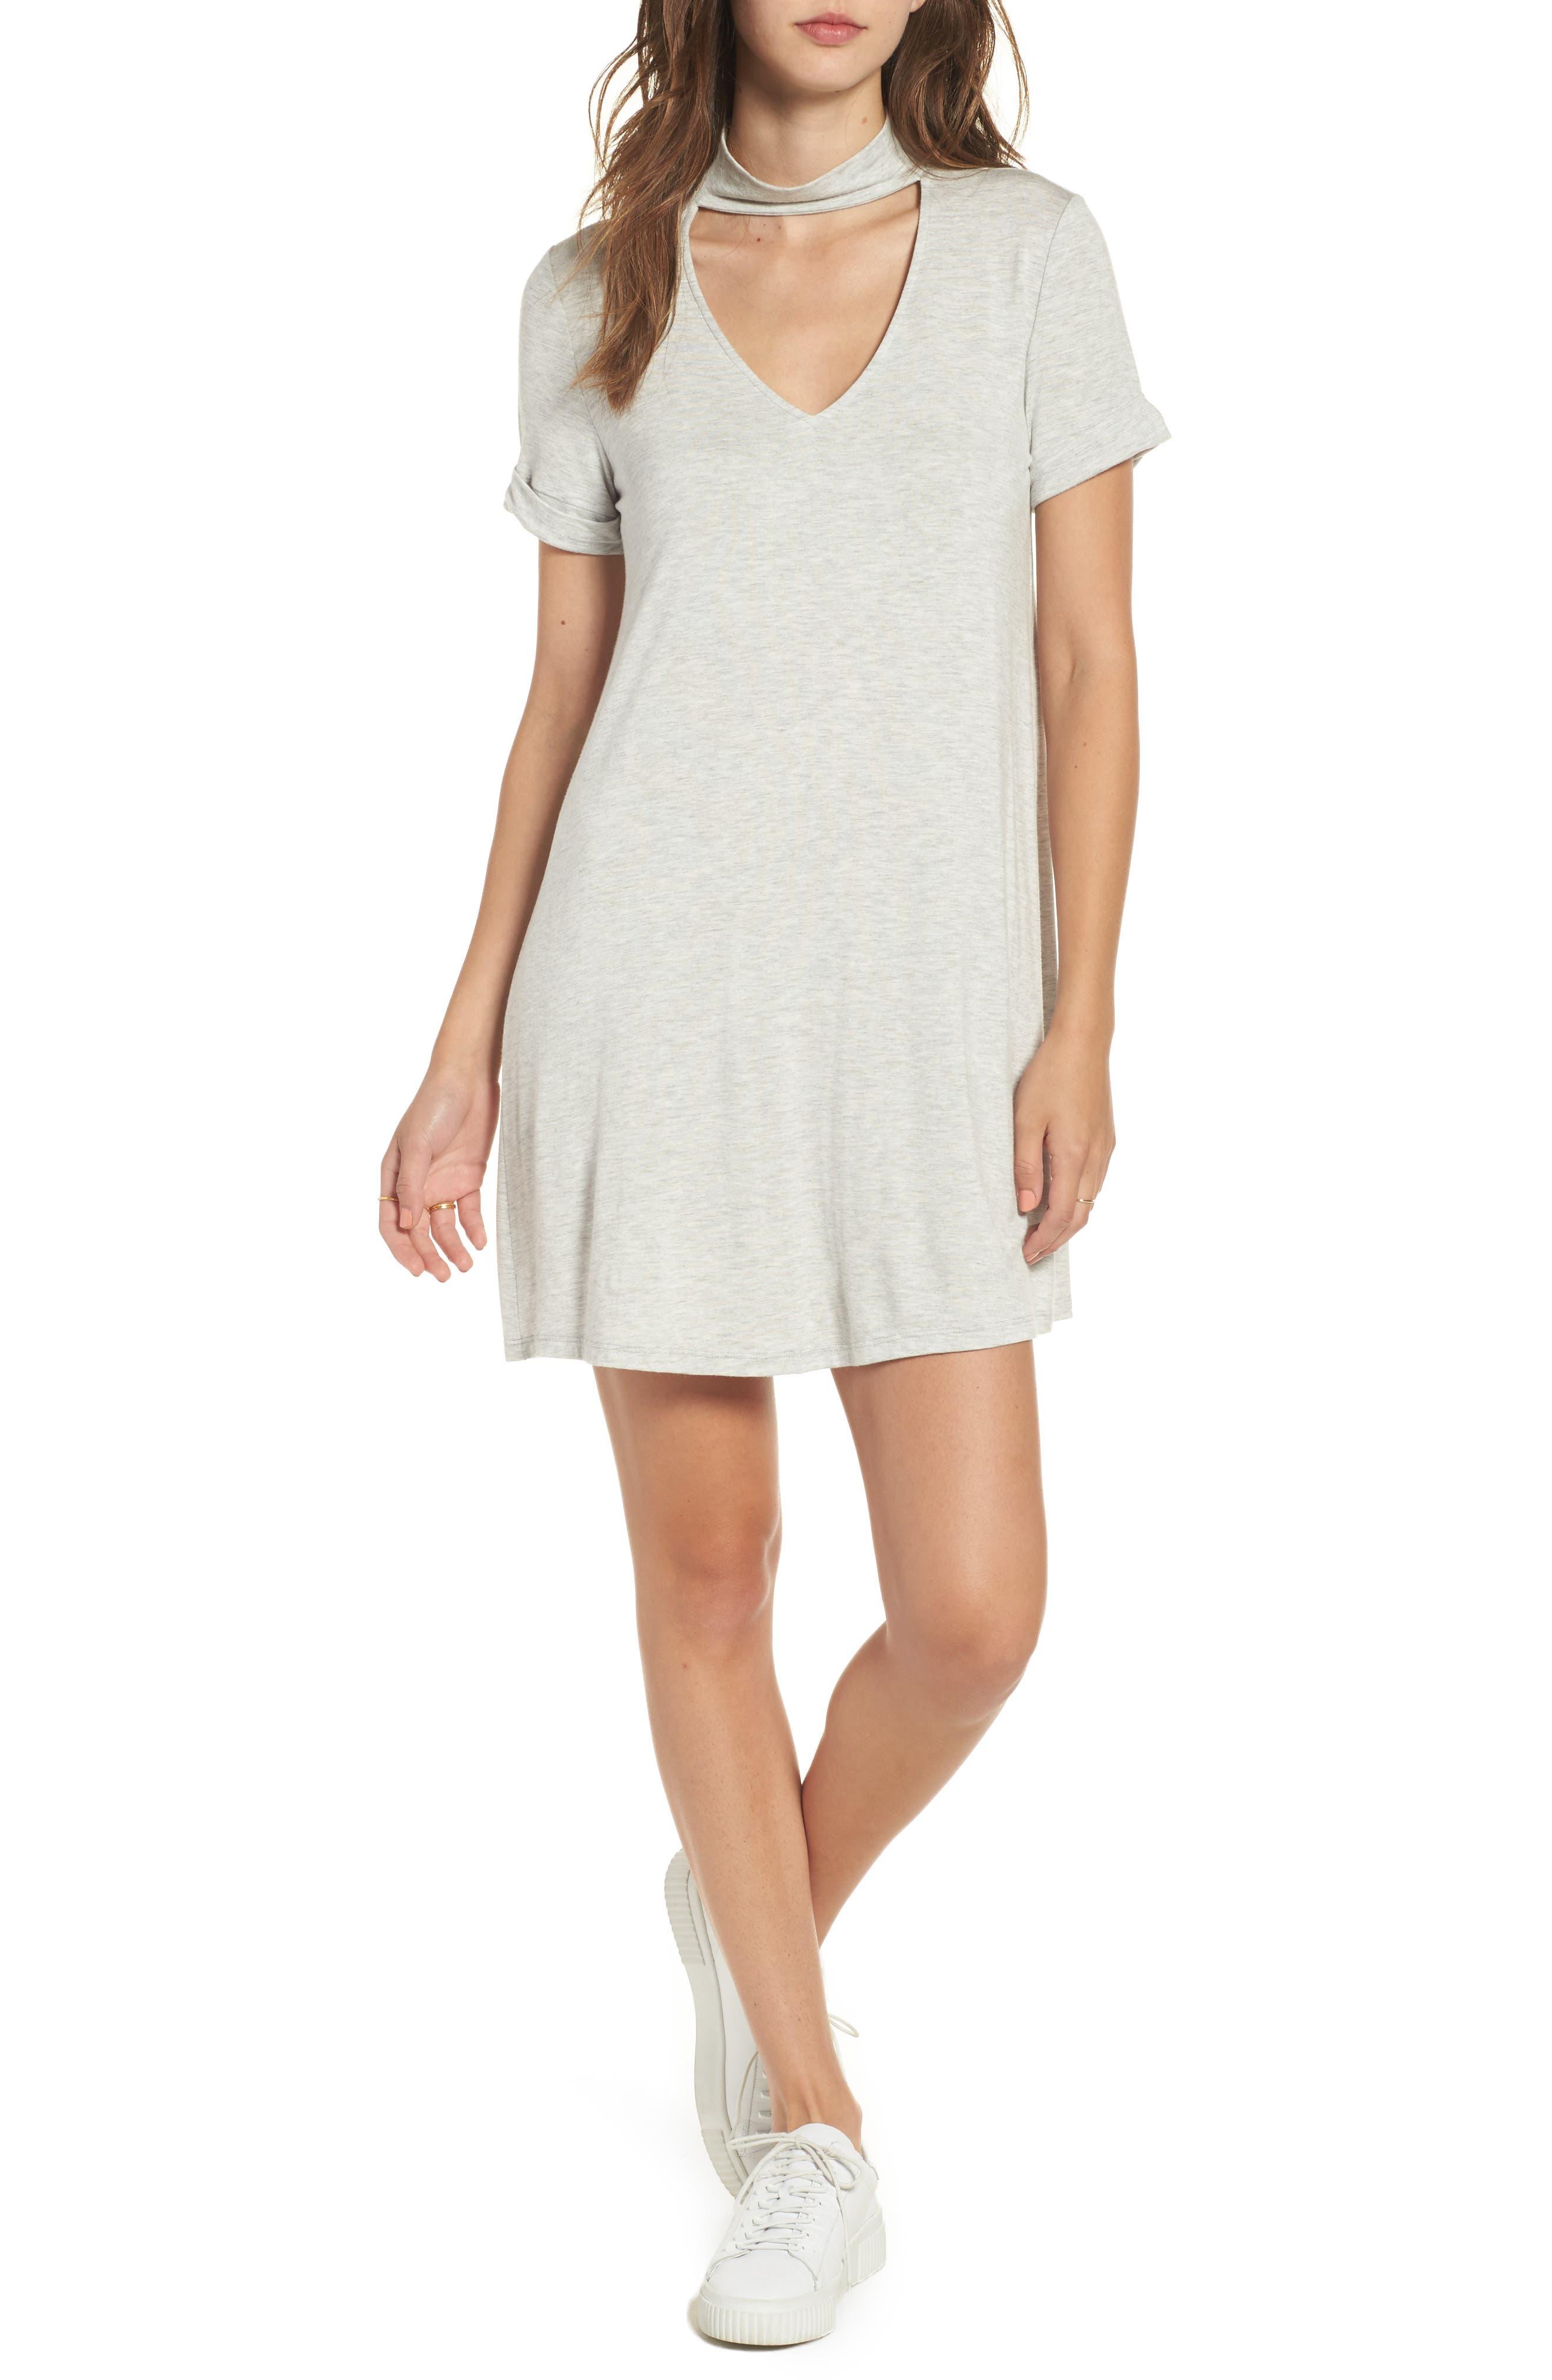 Everly Choker T-Shirt Dress